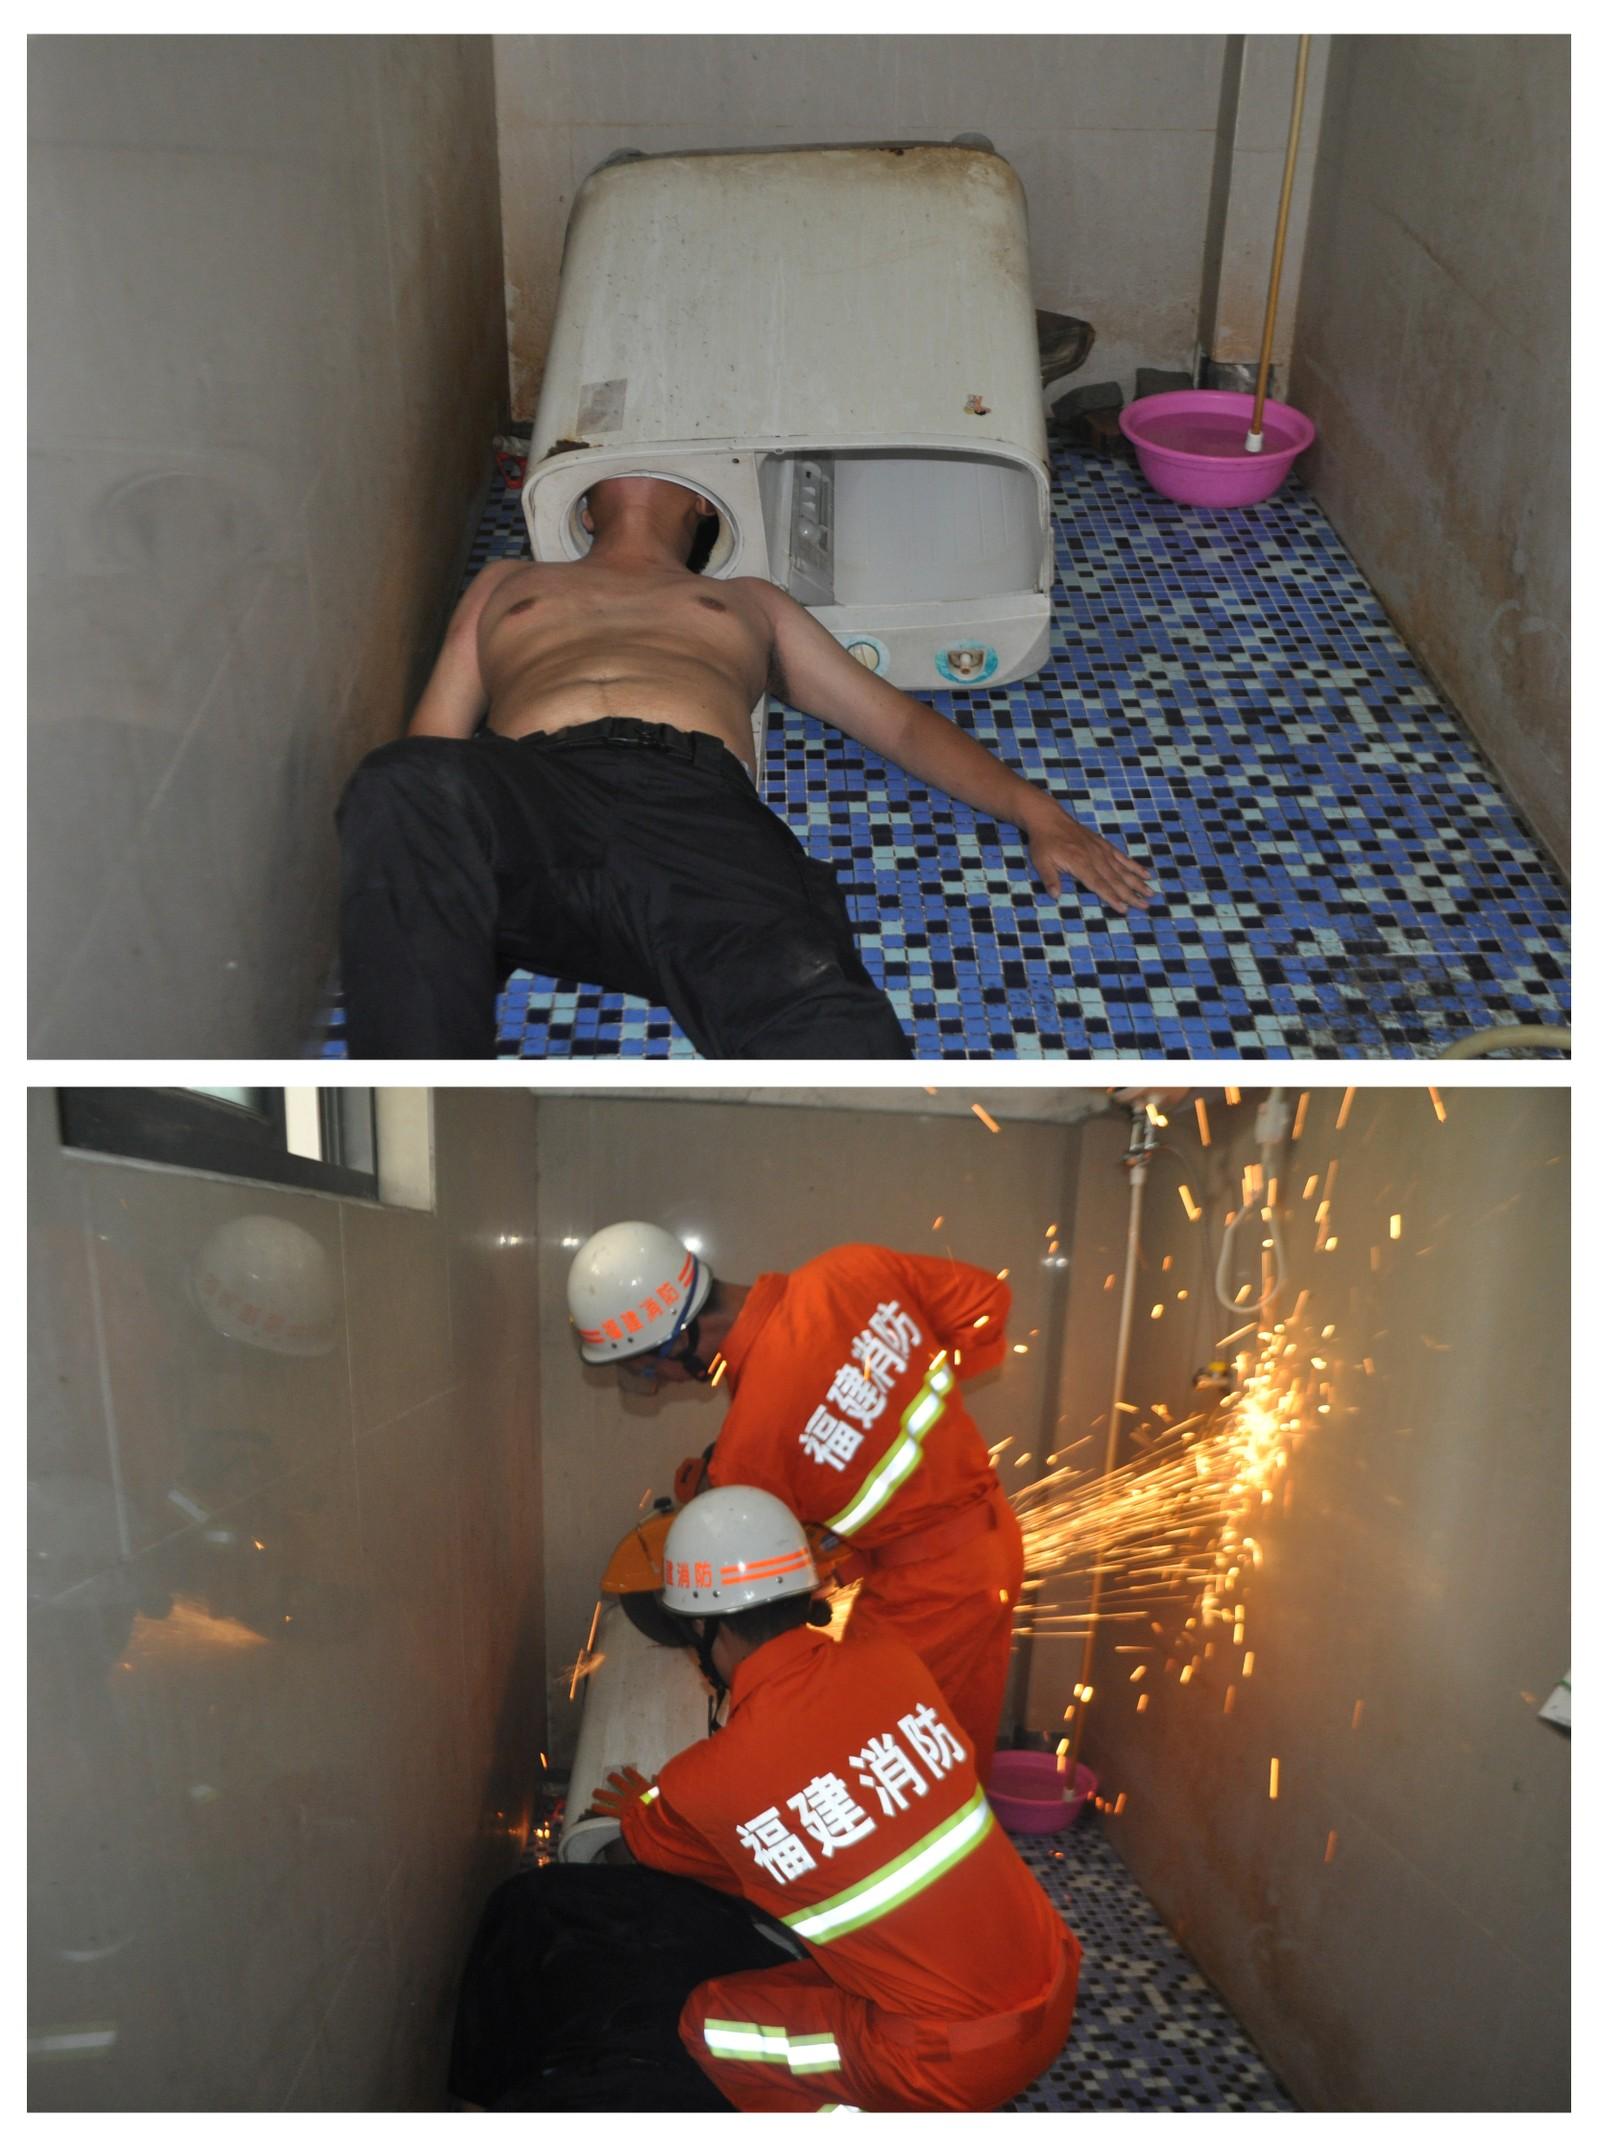 Det gikk rent galt da en kinesisk mann skulle fikse vaskemaskinen selv. Romkameratene tilkalte imidlertid hjelp og brannvesenet fikk løs mannen.